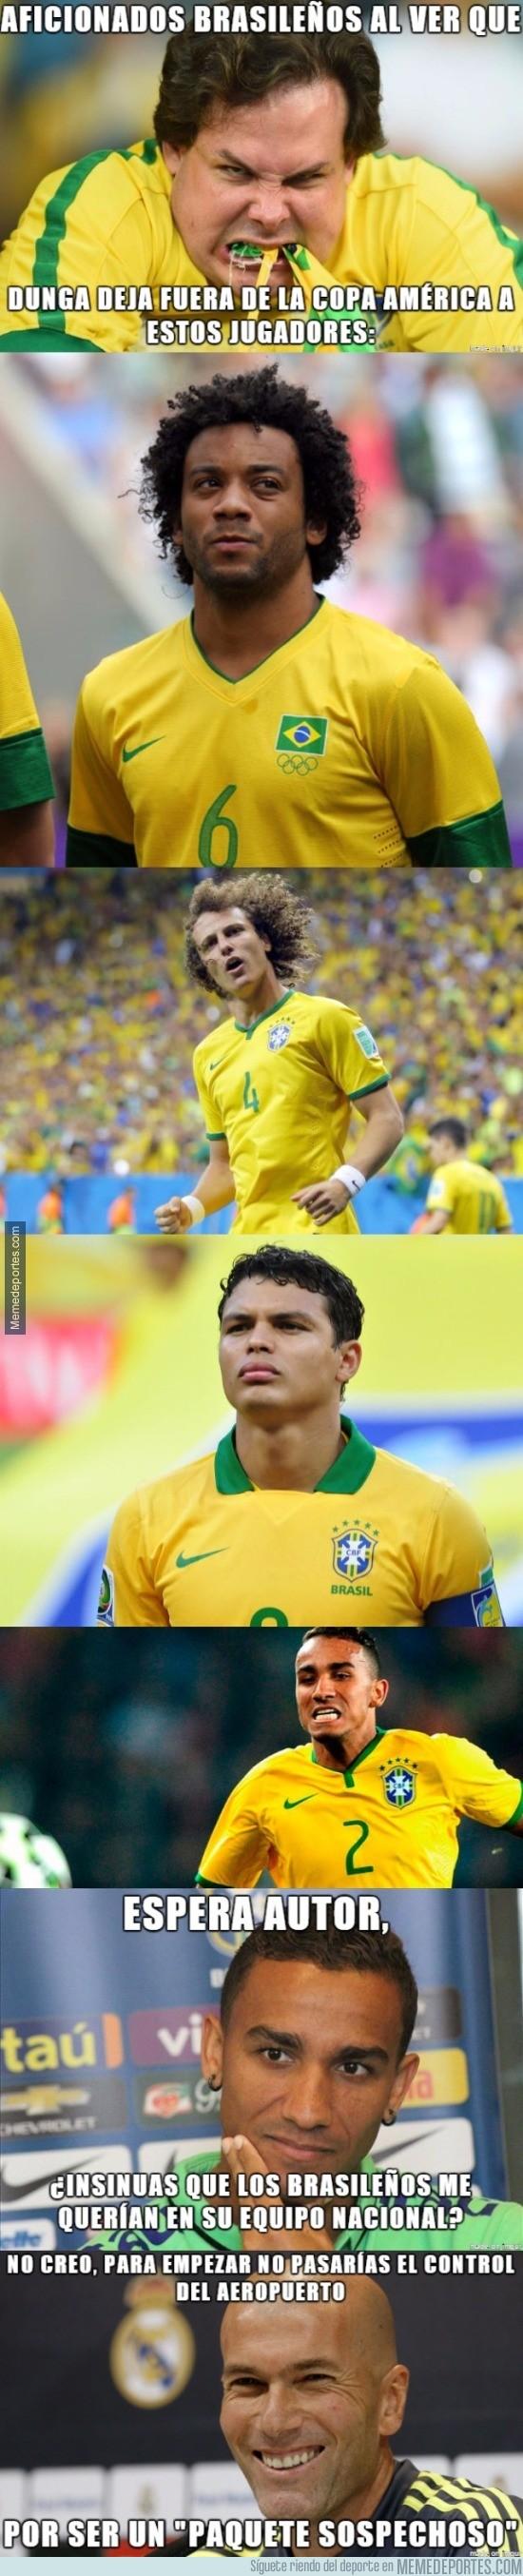 847509 - Jugadores que deja Dunga fuera de la Copa América